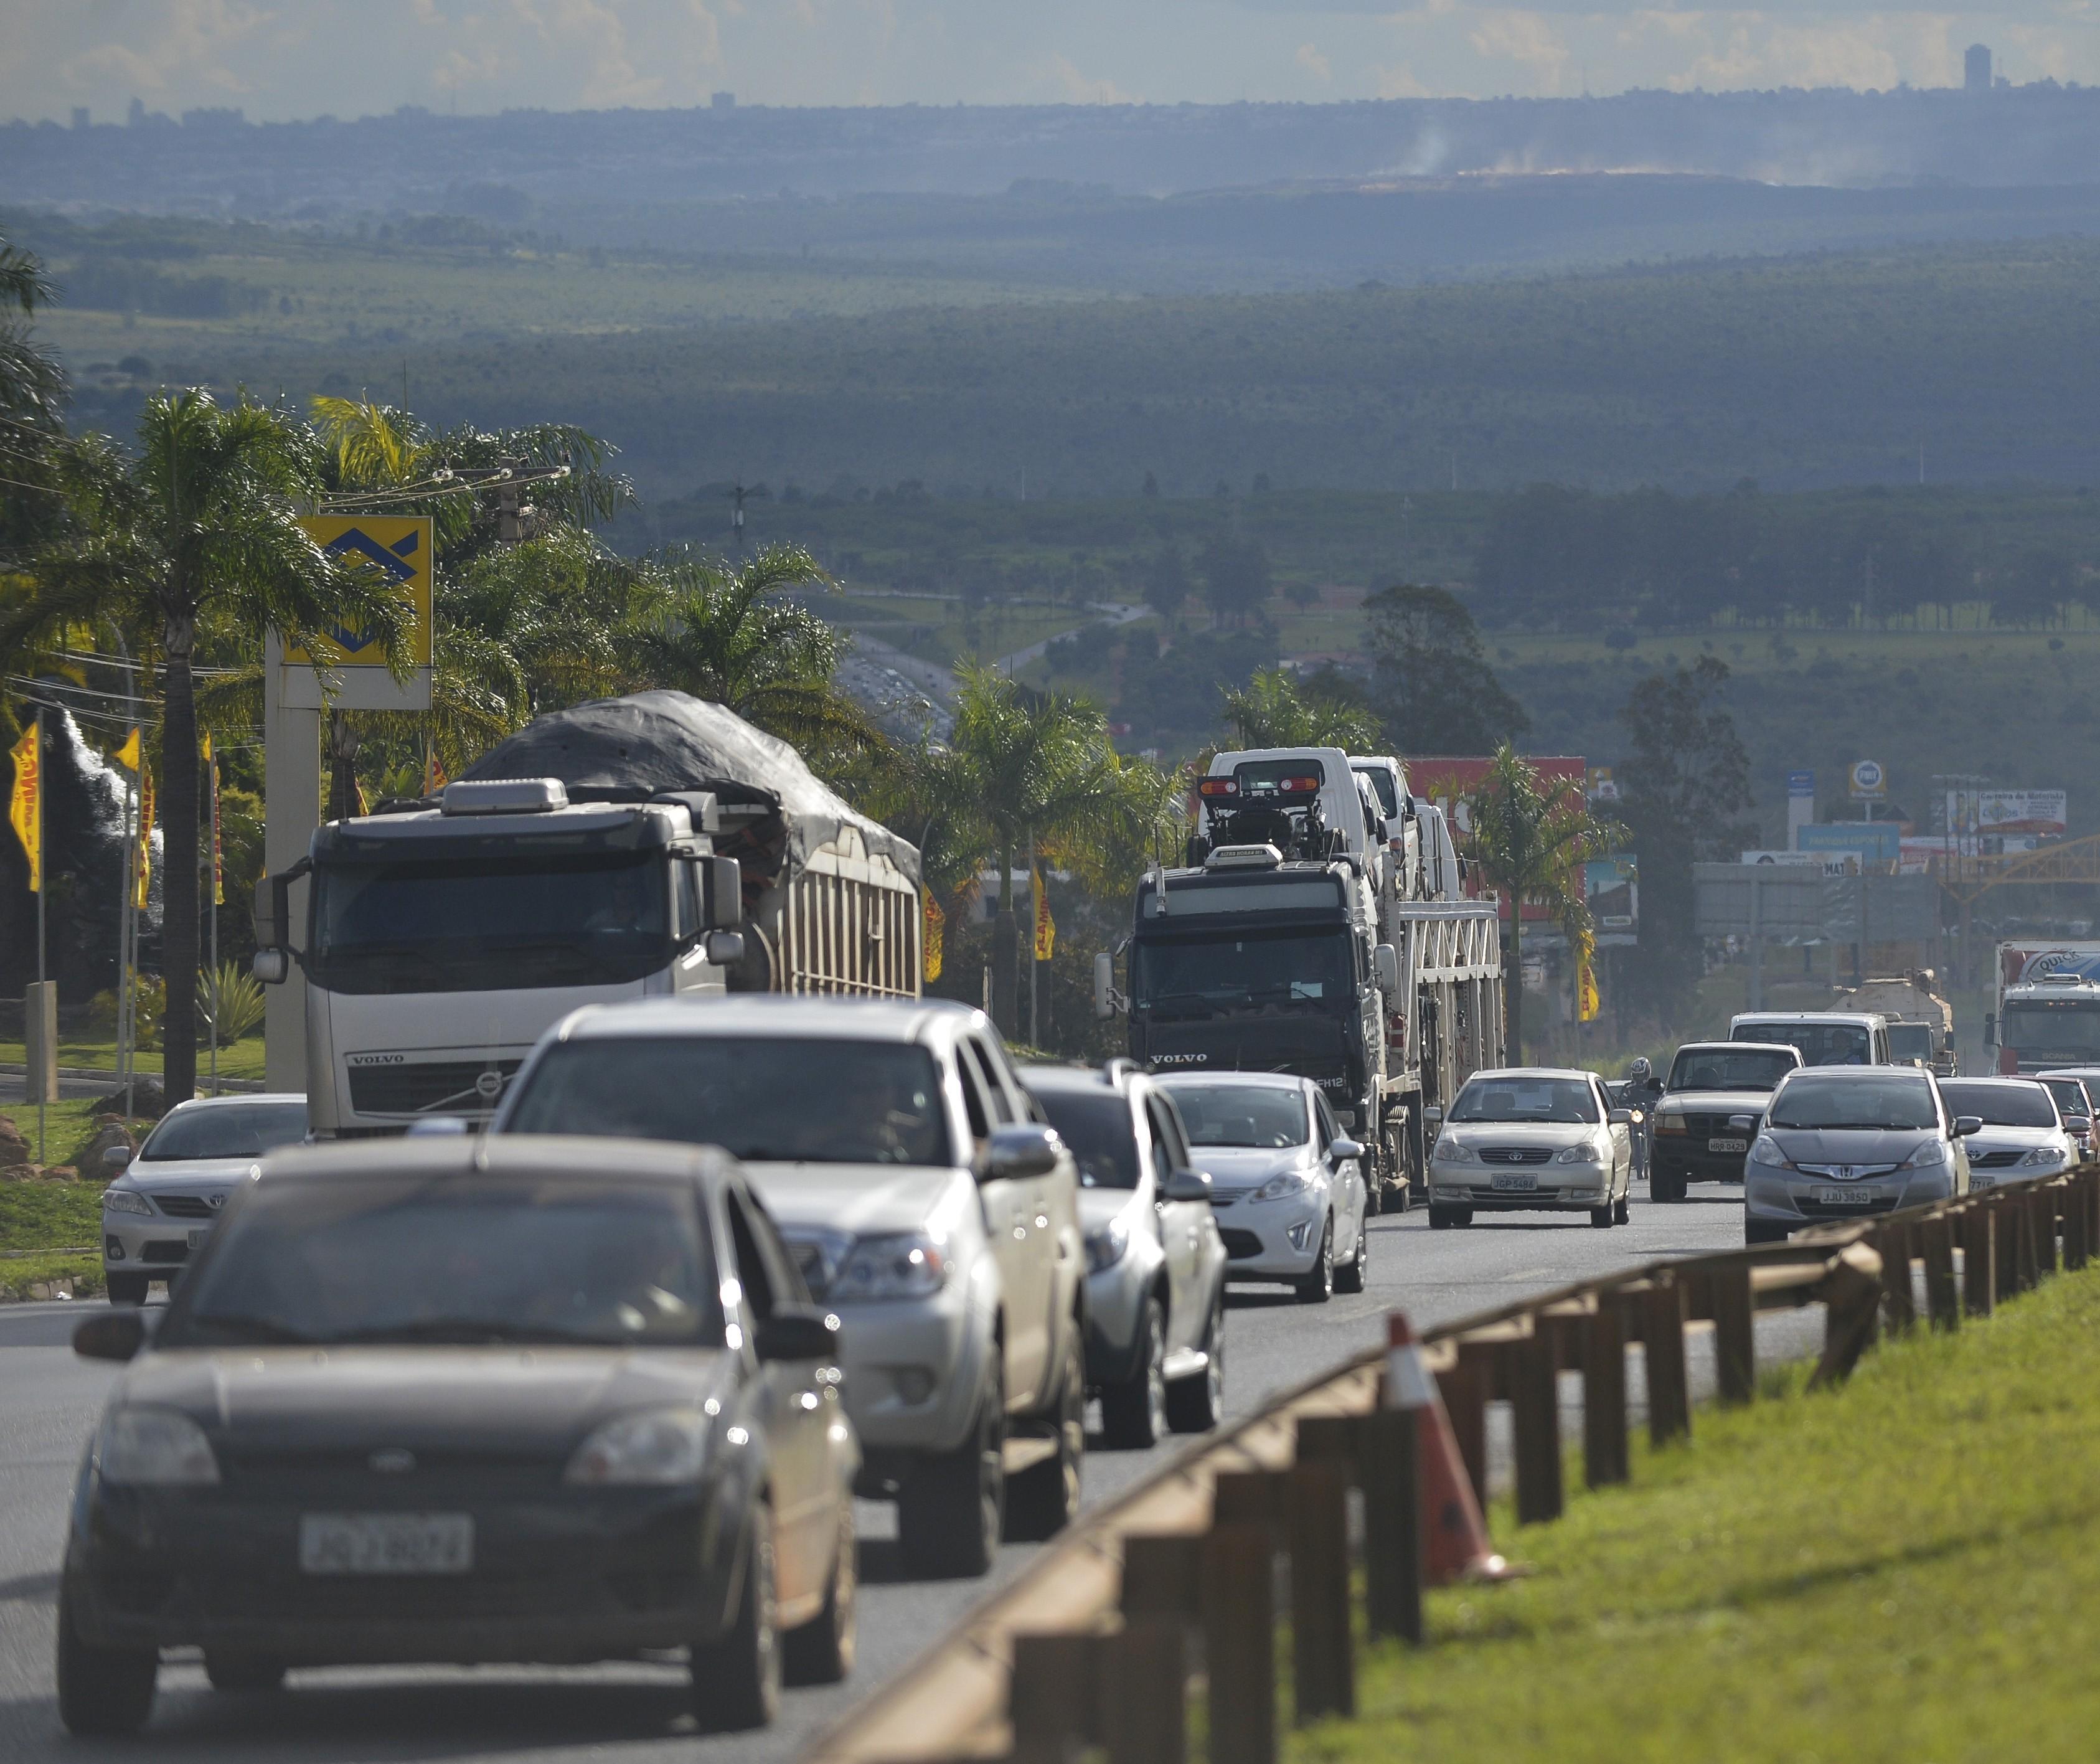 Medo de transporte público impulsiona venda de carros usados e motos na volta ao trabalho